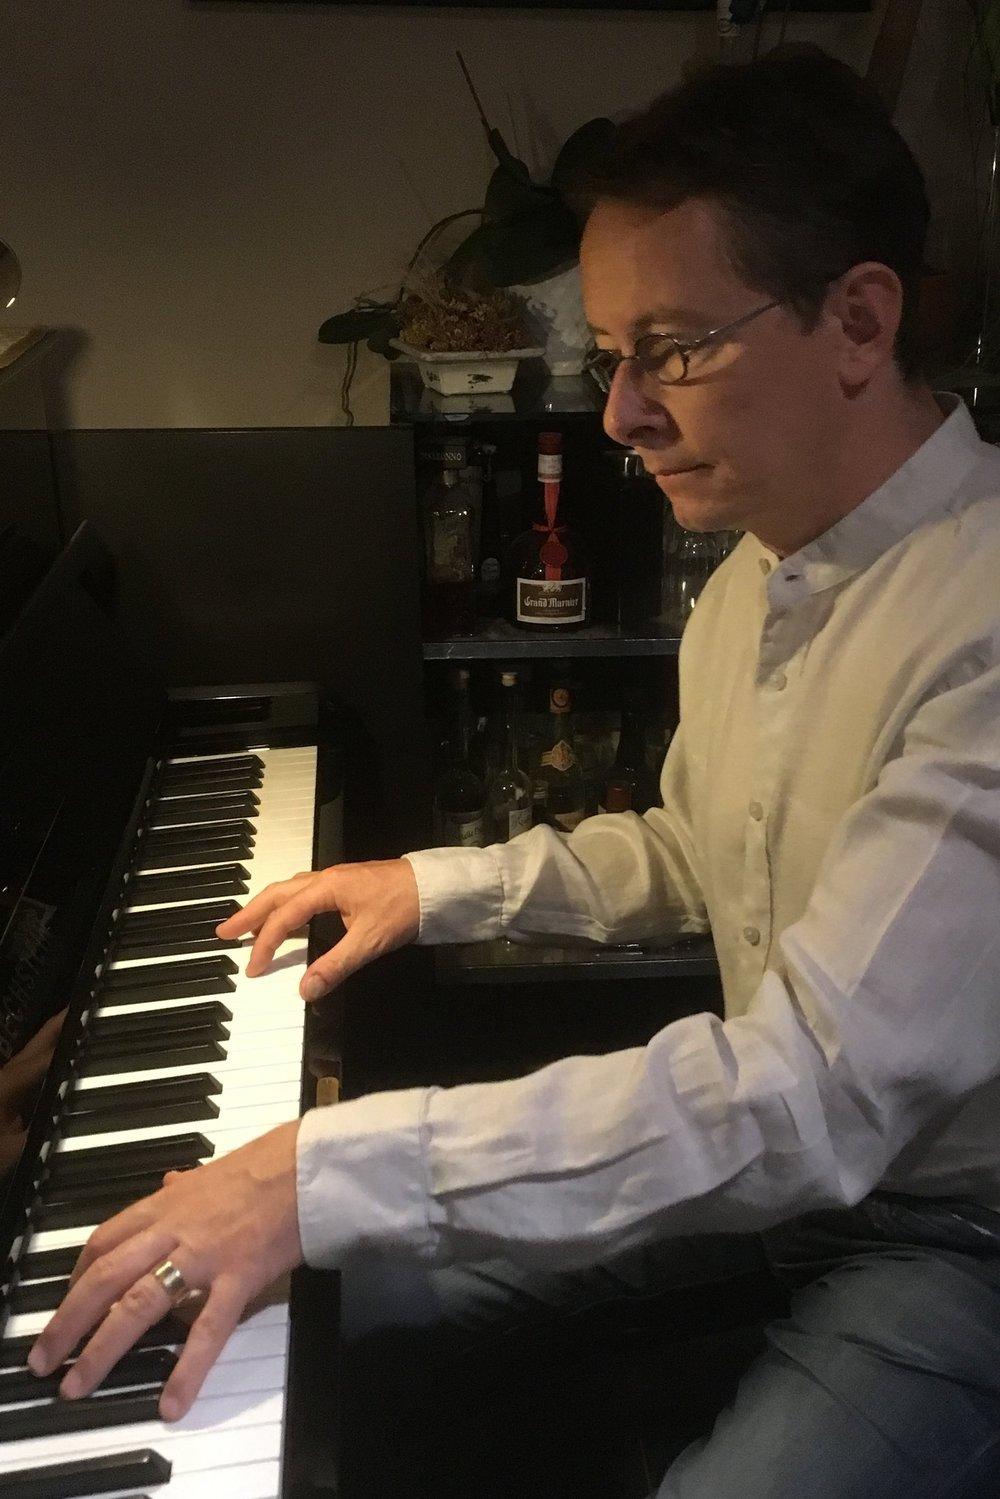 Klavierspielen: Ausgleich von der Hektik des Alltags.